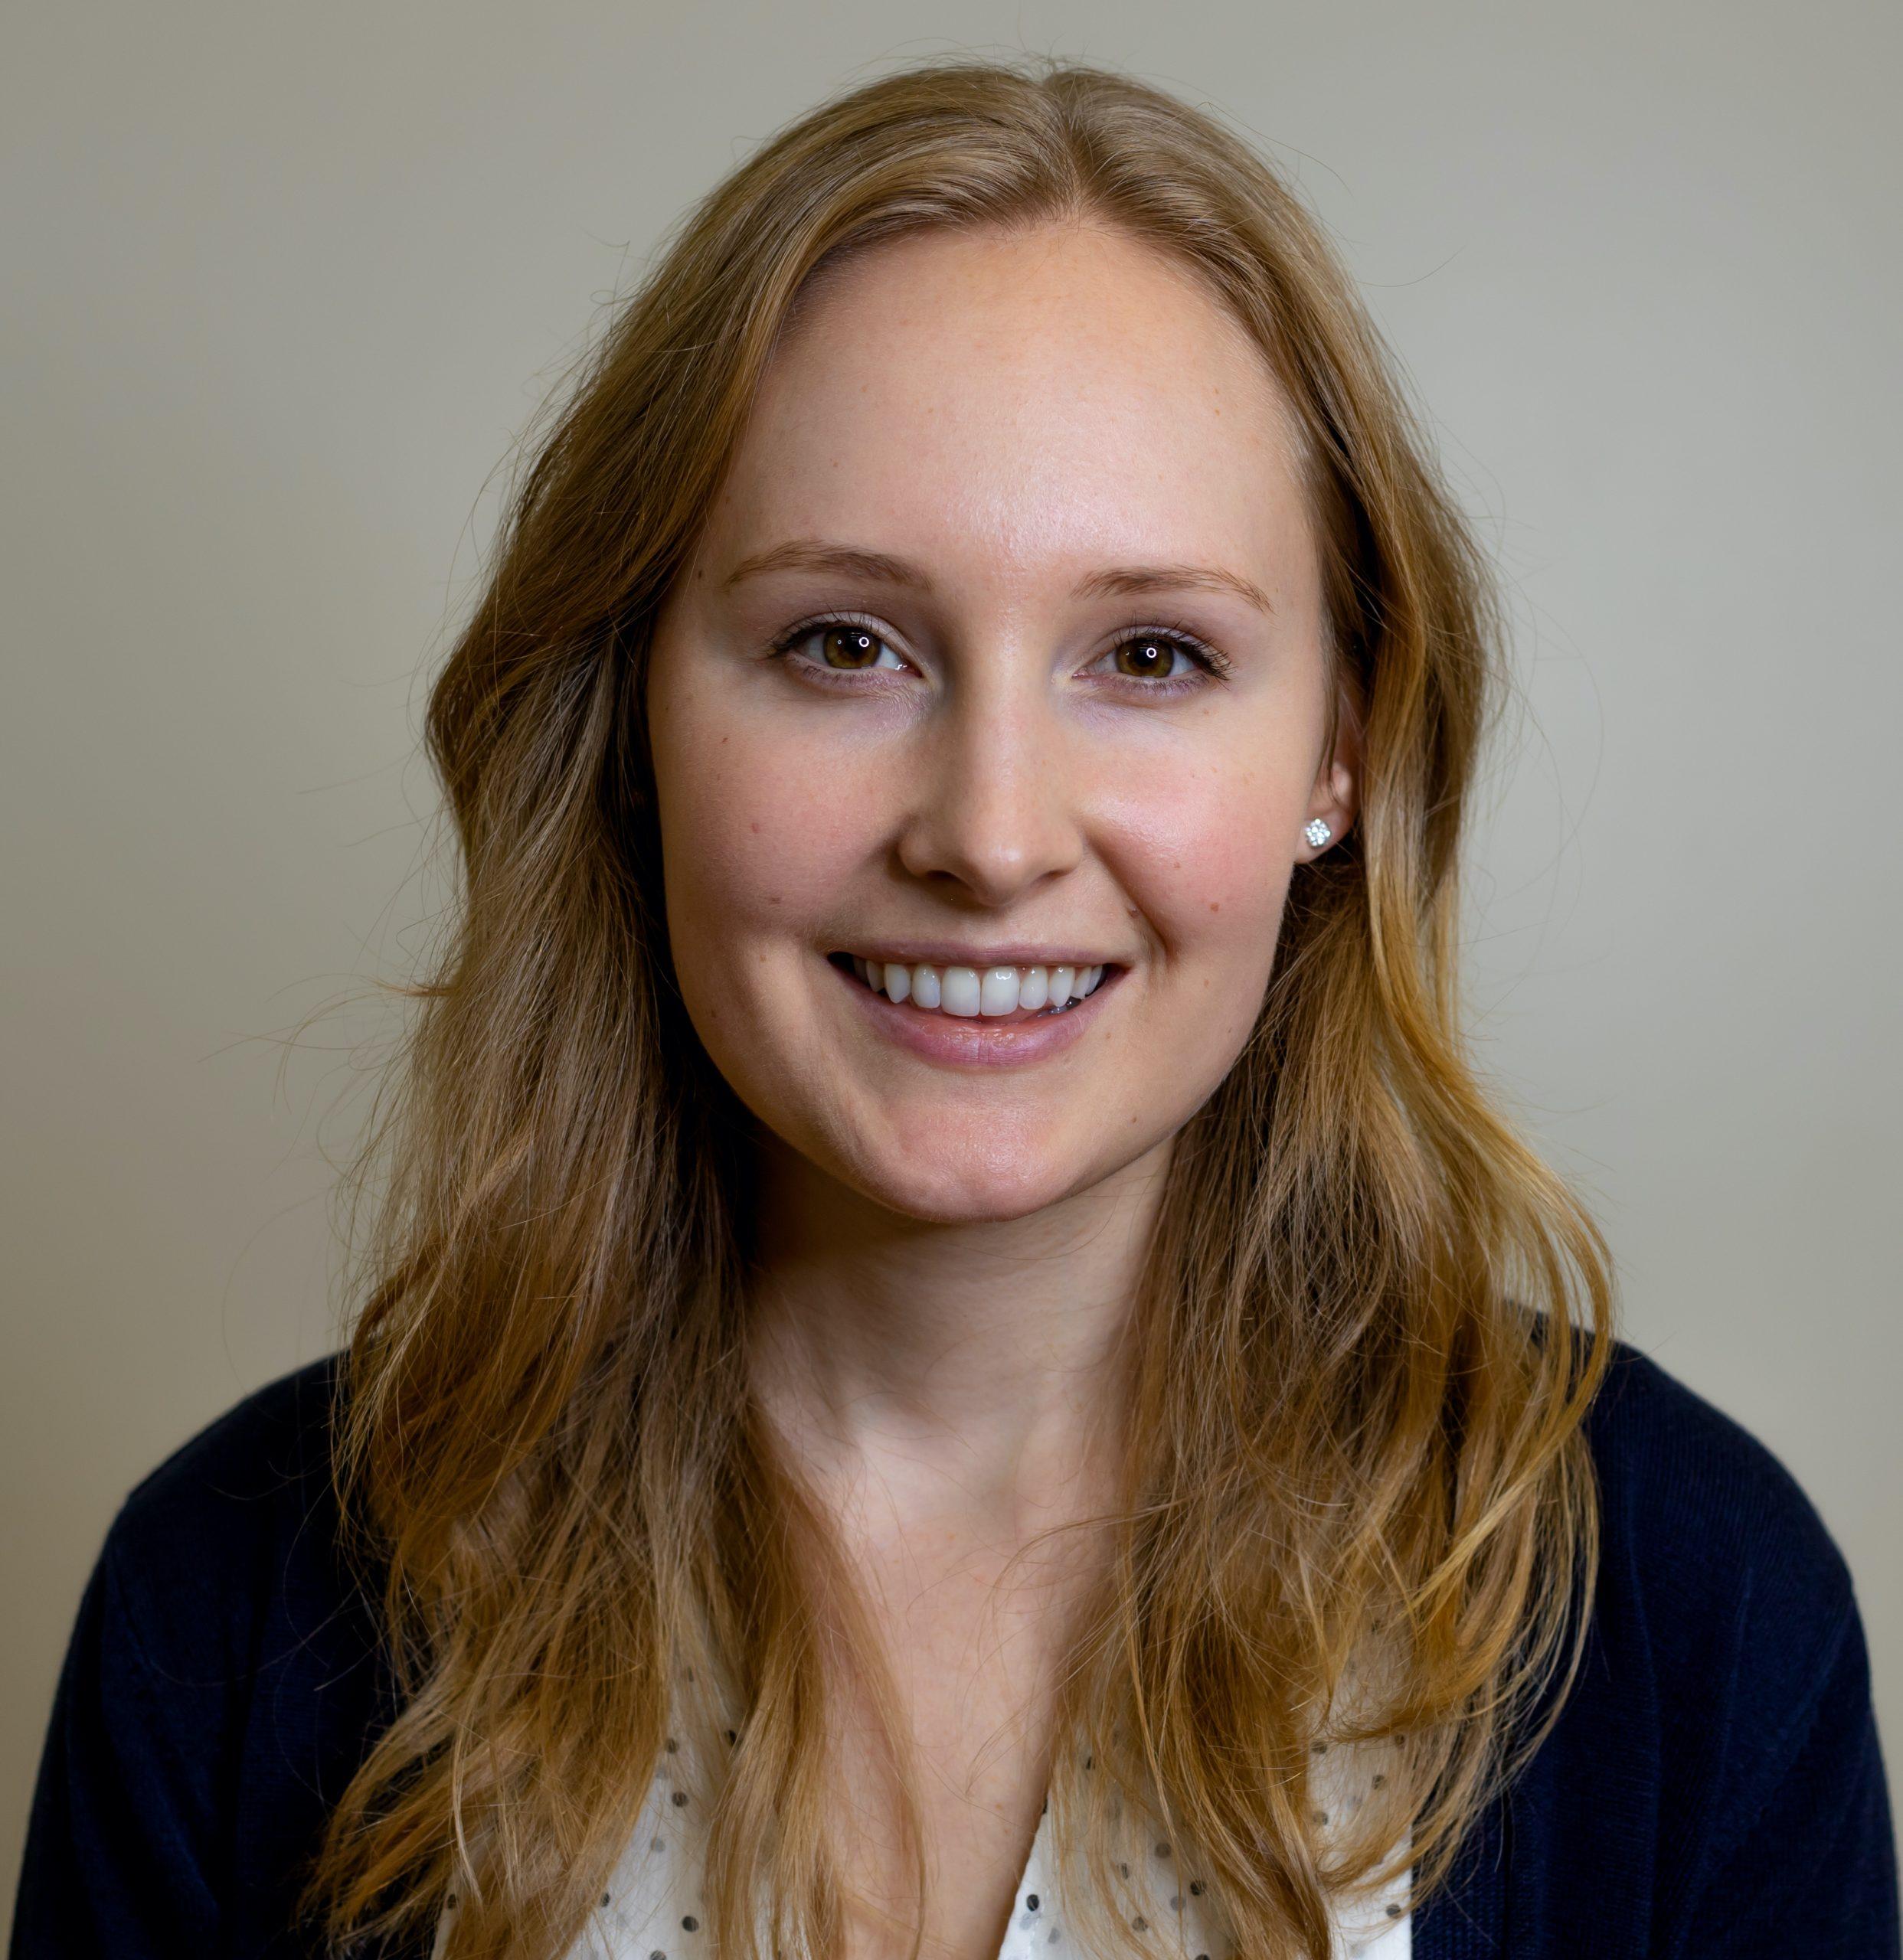 Dr. Kayla Ruschkowski